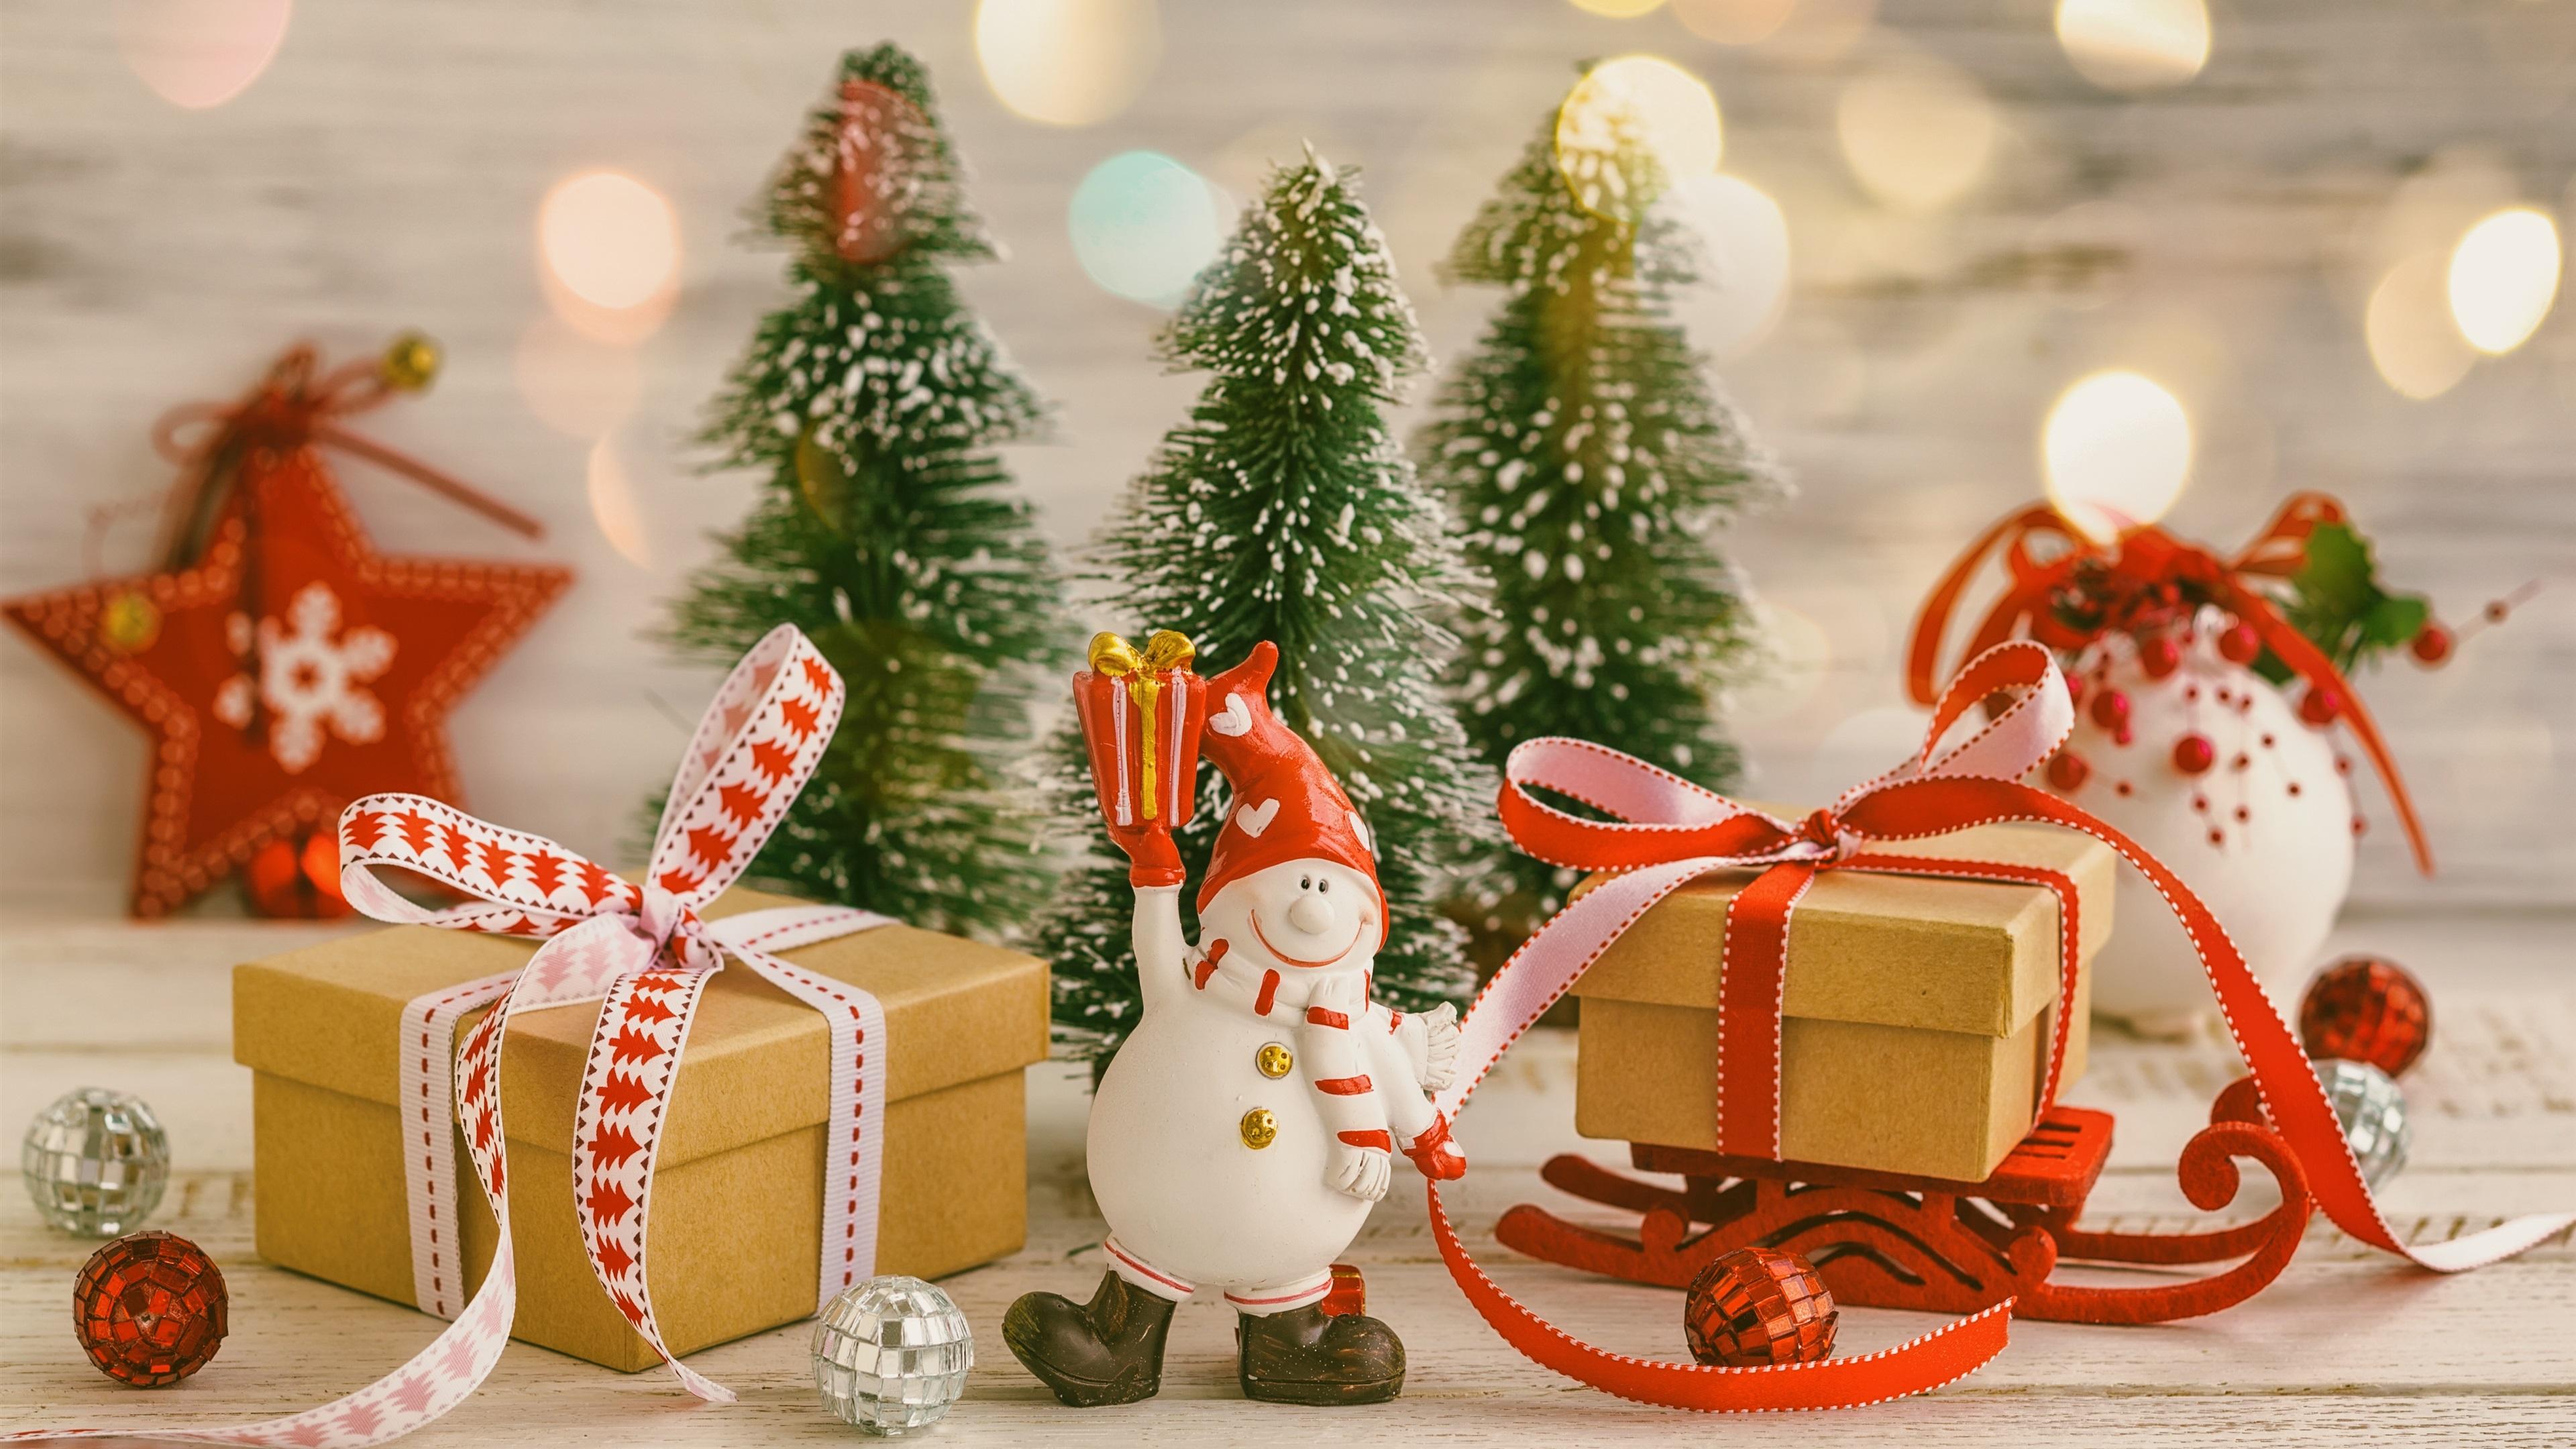 подарки на новый год картинки игрушки самые милые схемы